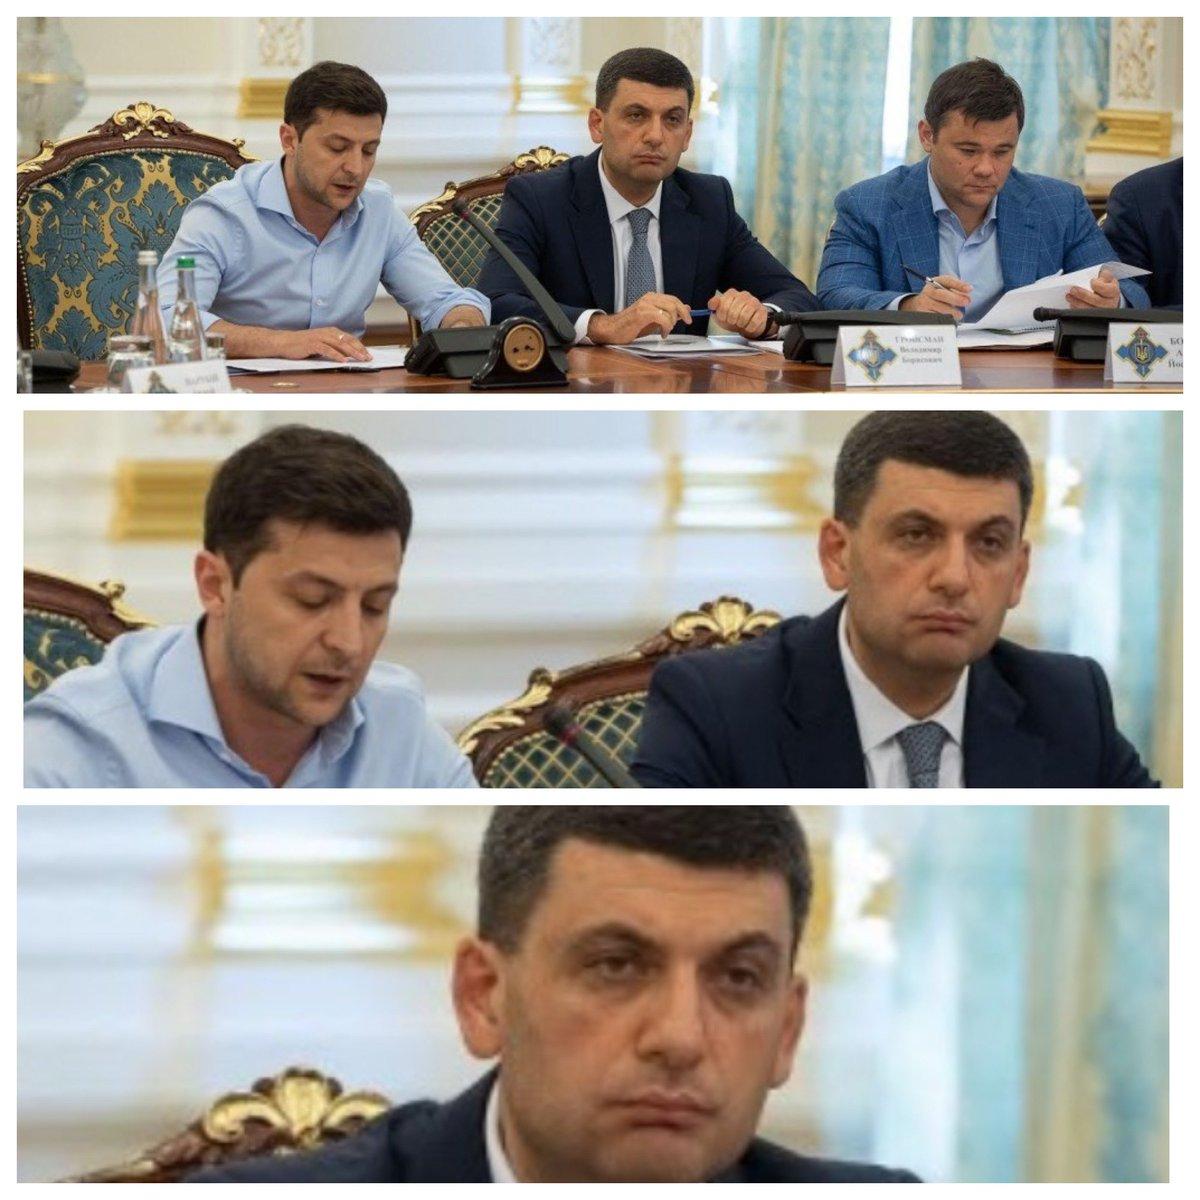 """Програма МВФ для України може бути доповнена """"серйозними"""" вимогами, - Гройсман - Цензор.НЕТ 7428"""